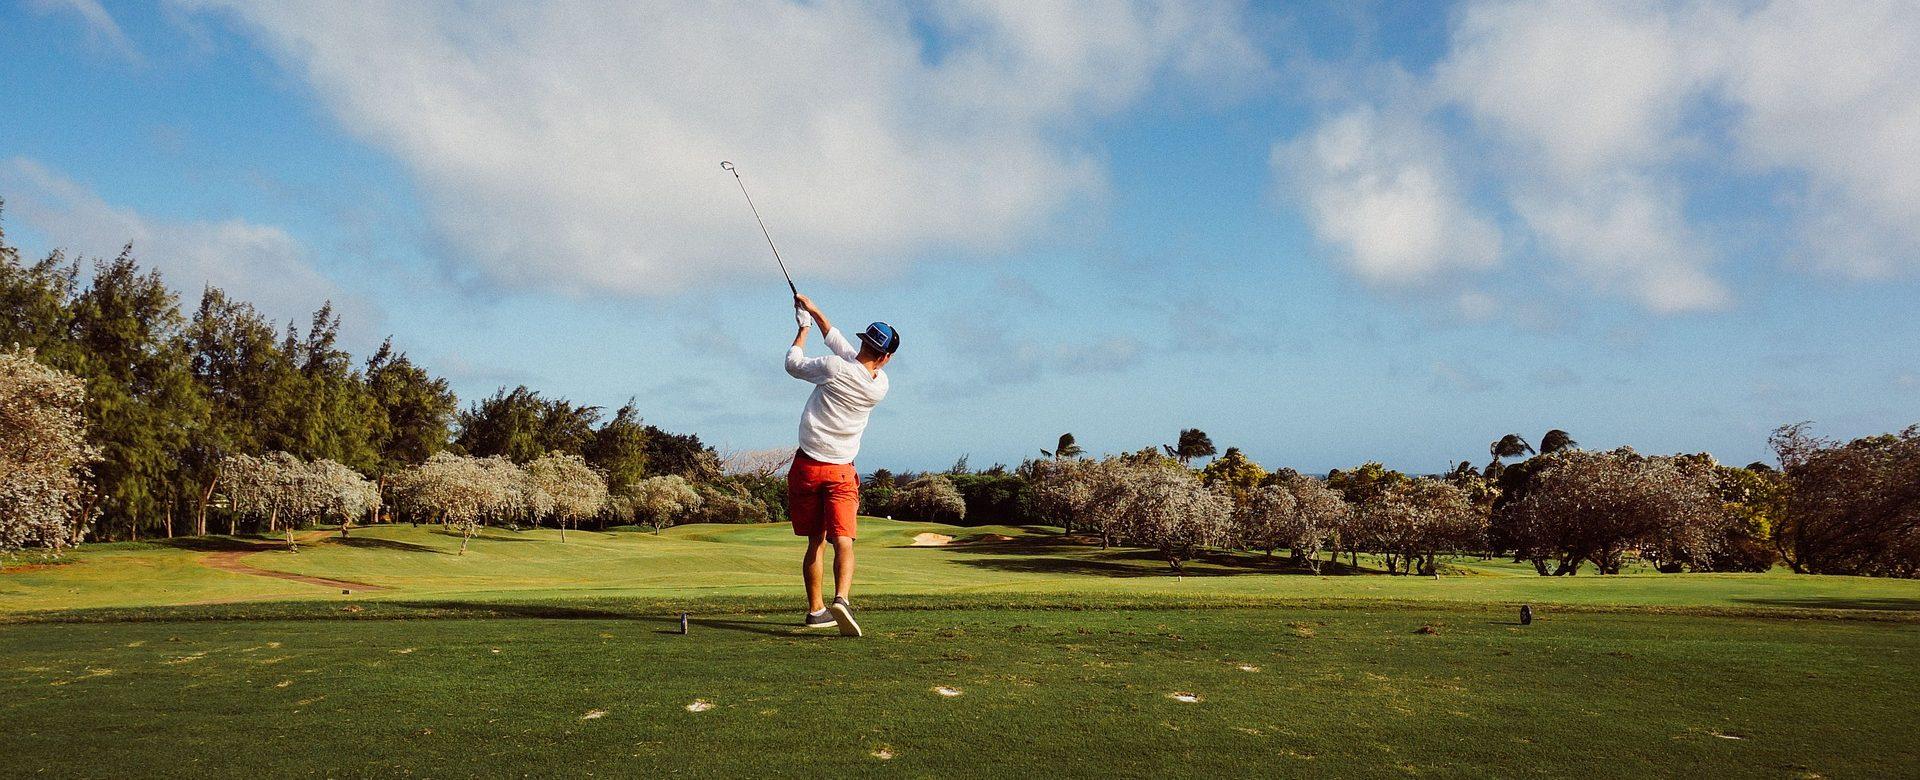 Sportvereinigung Finanz: Golf